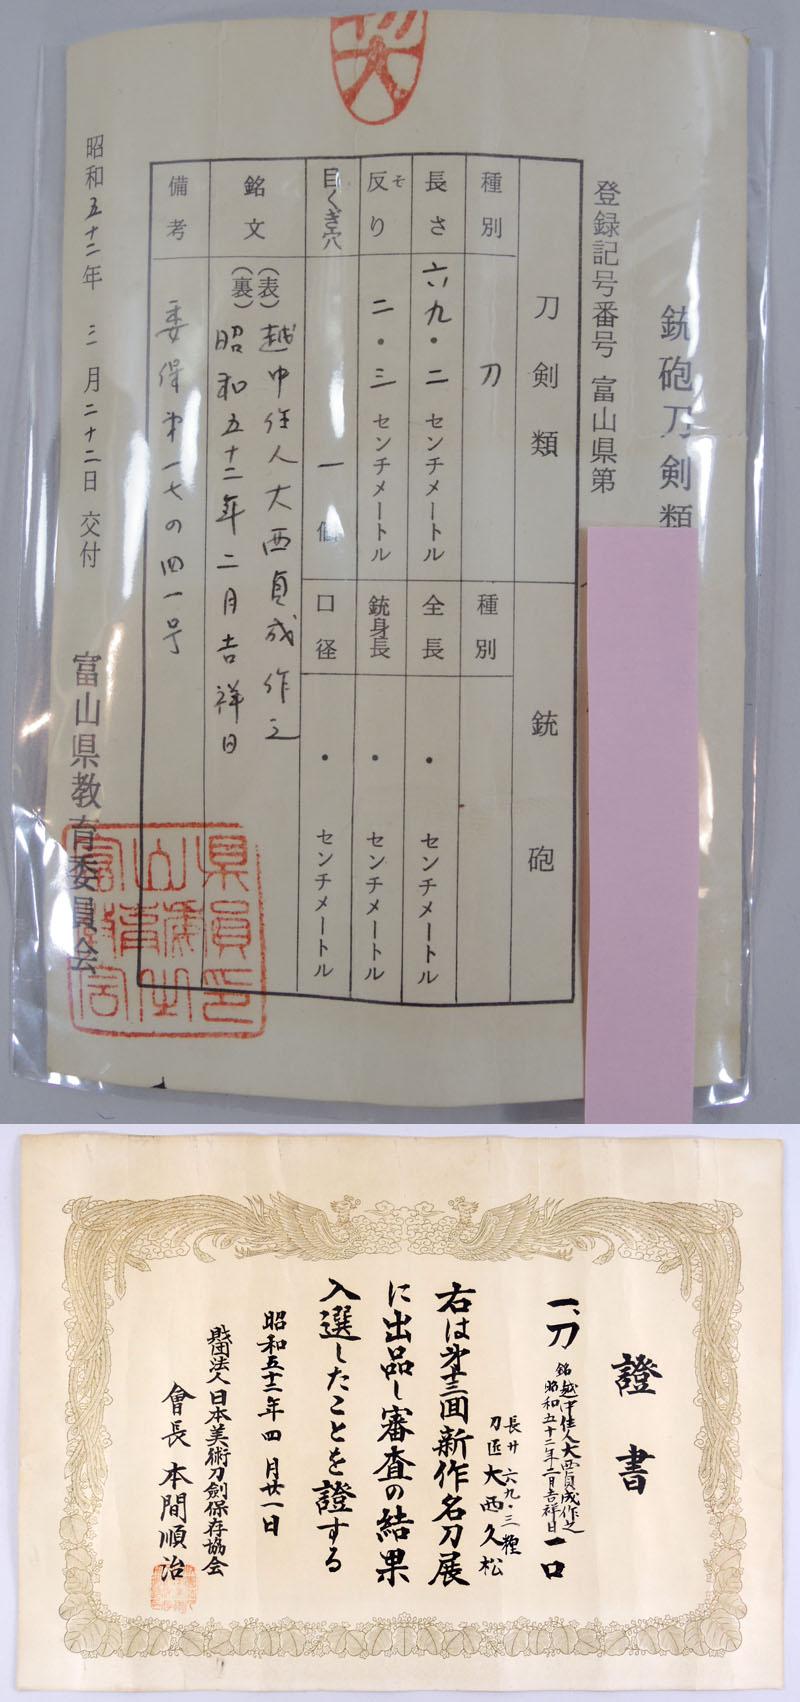 越中住人大西貞成作之 Picture of Certificate